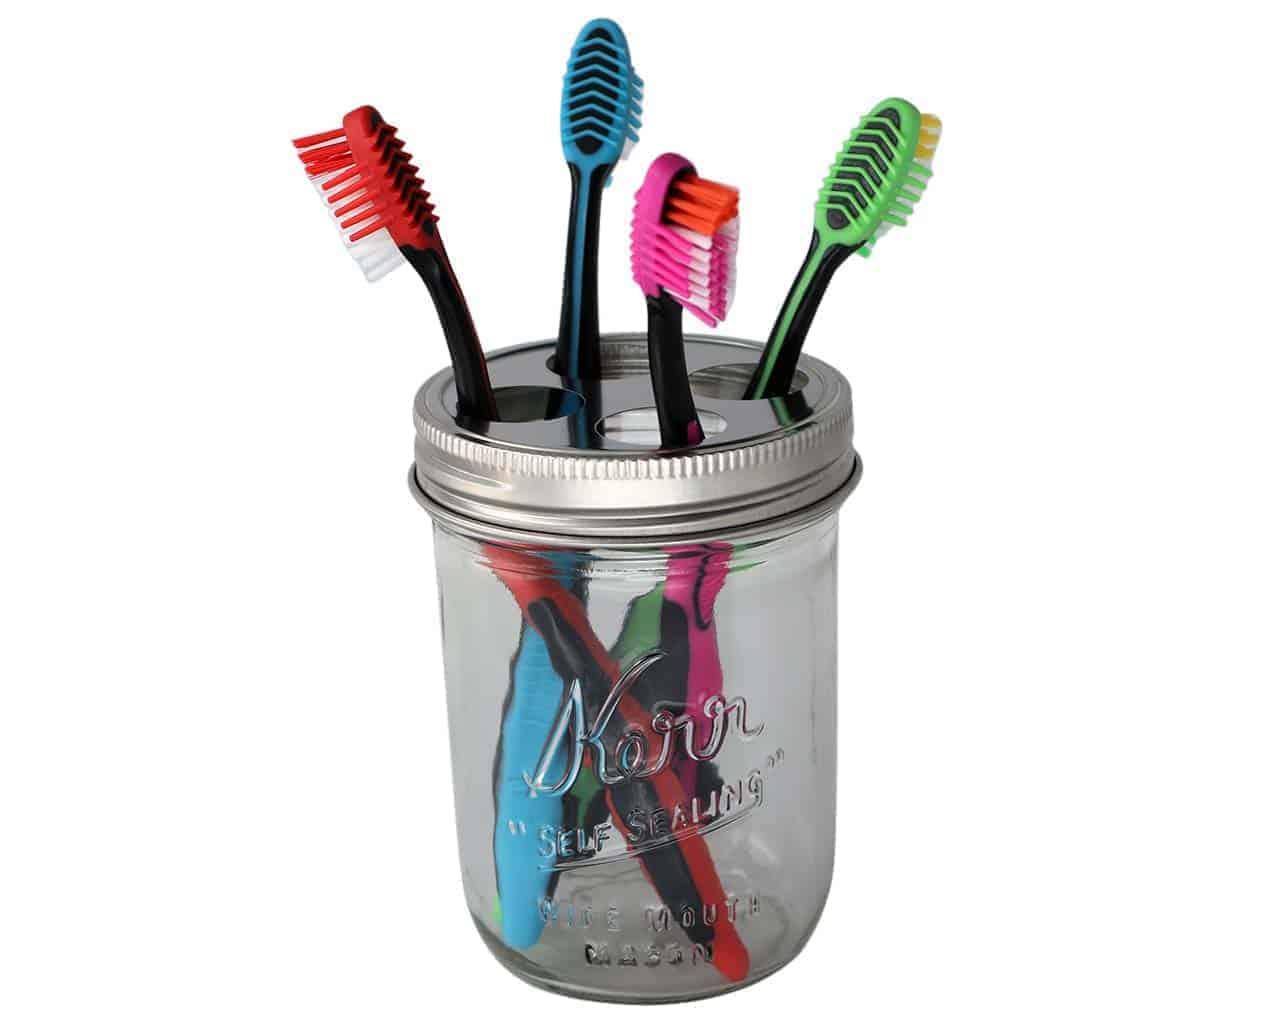 Stainless Steel Toothbrush Holder For Mason Jars